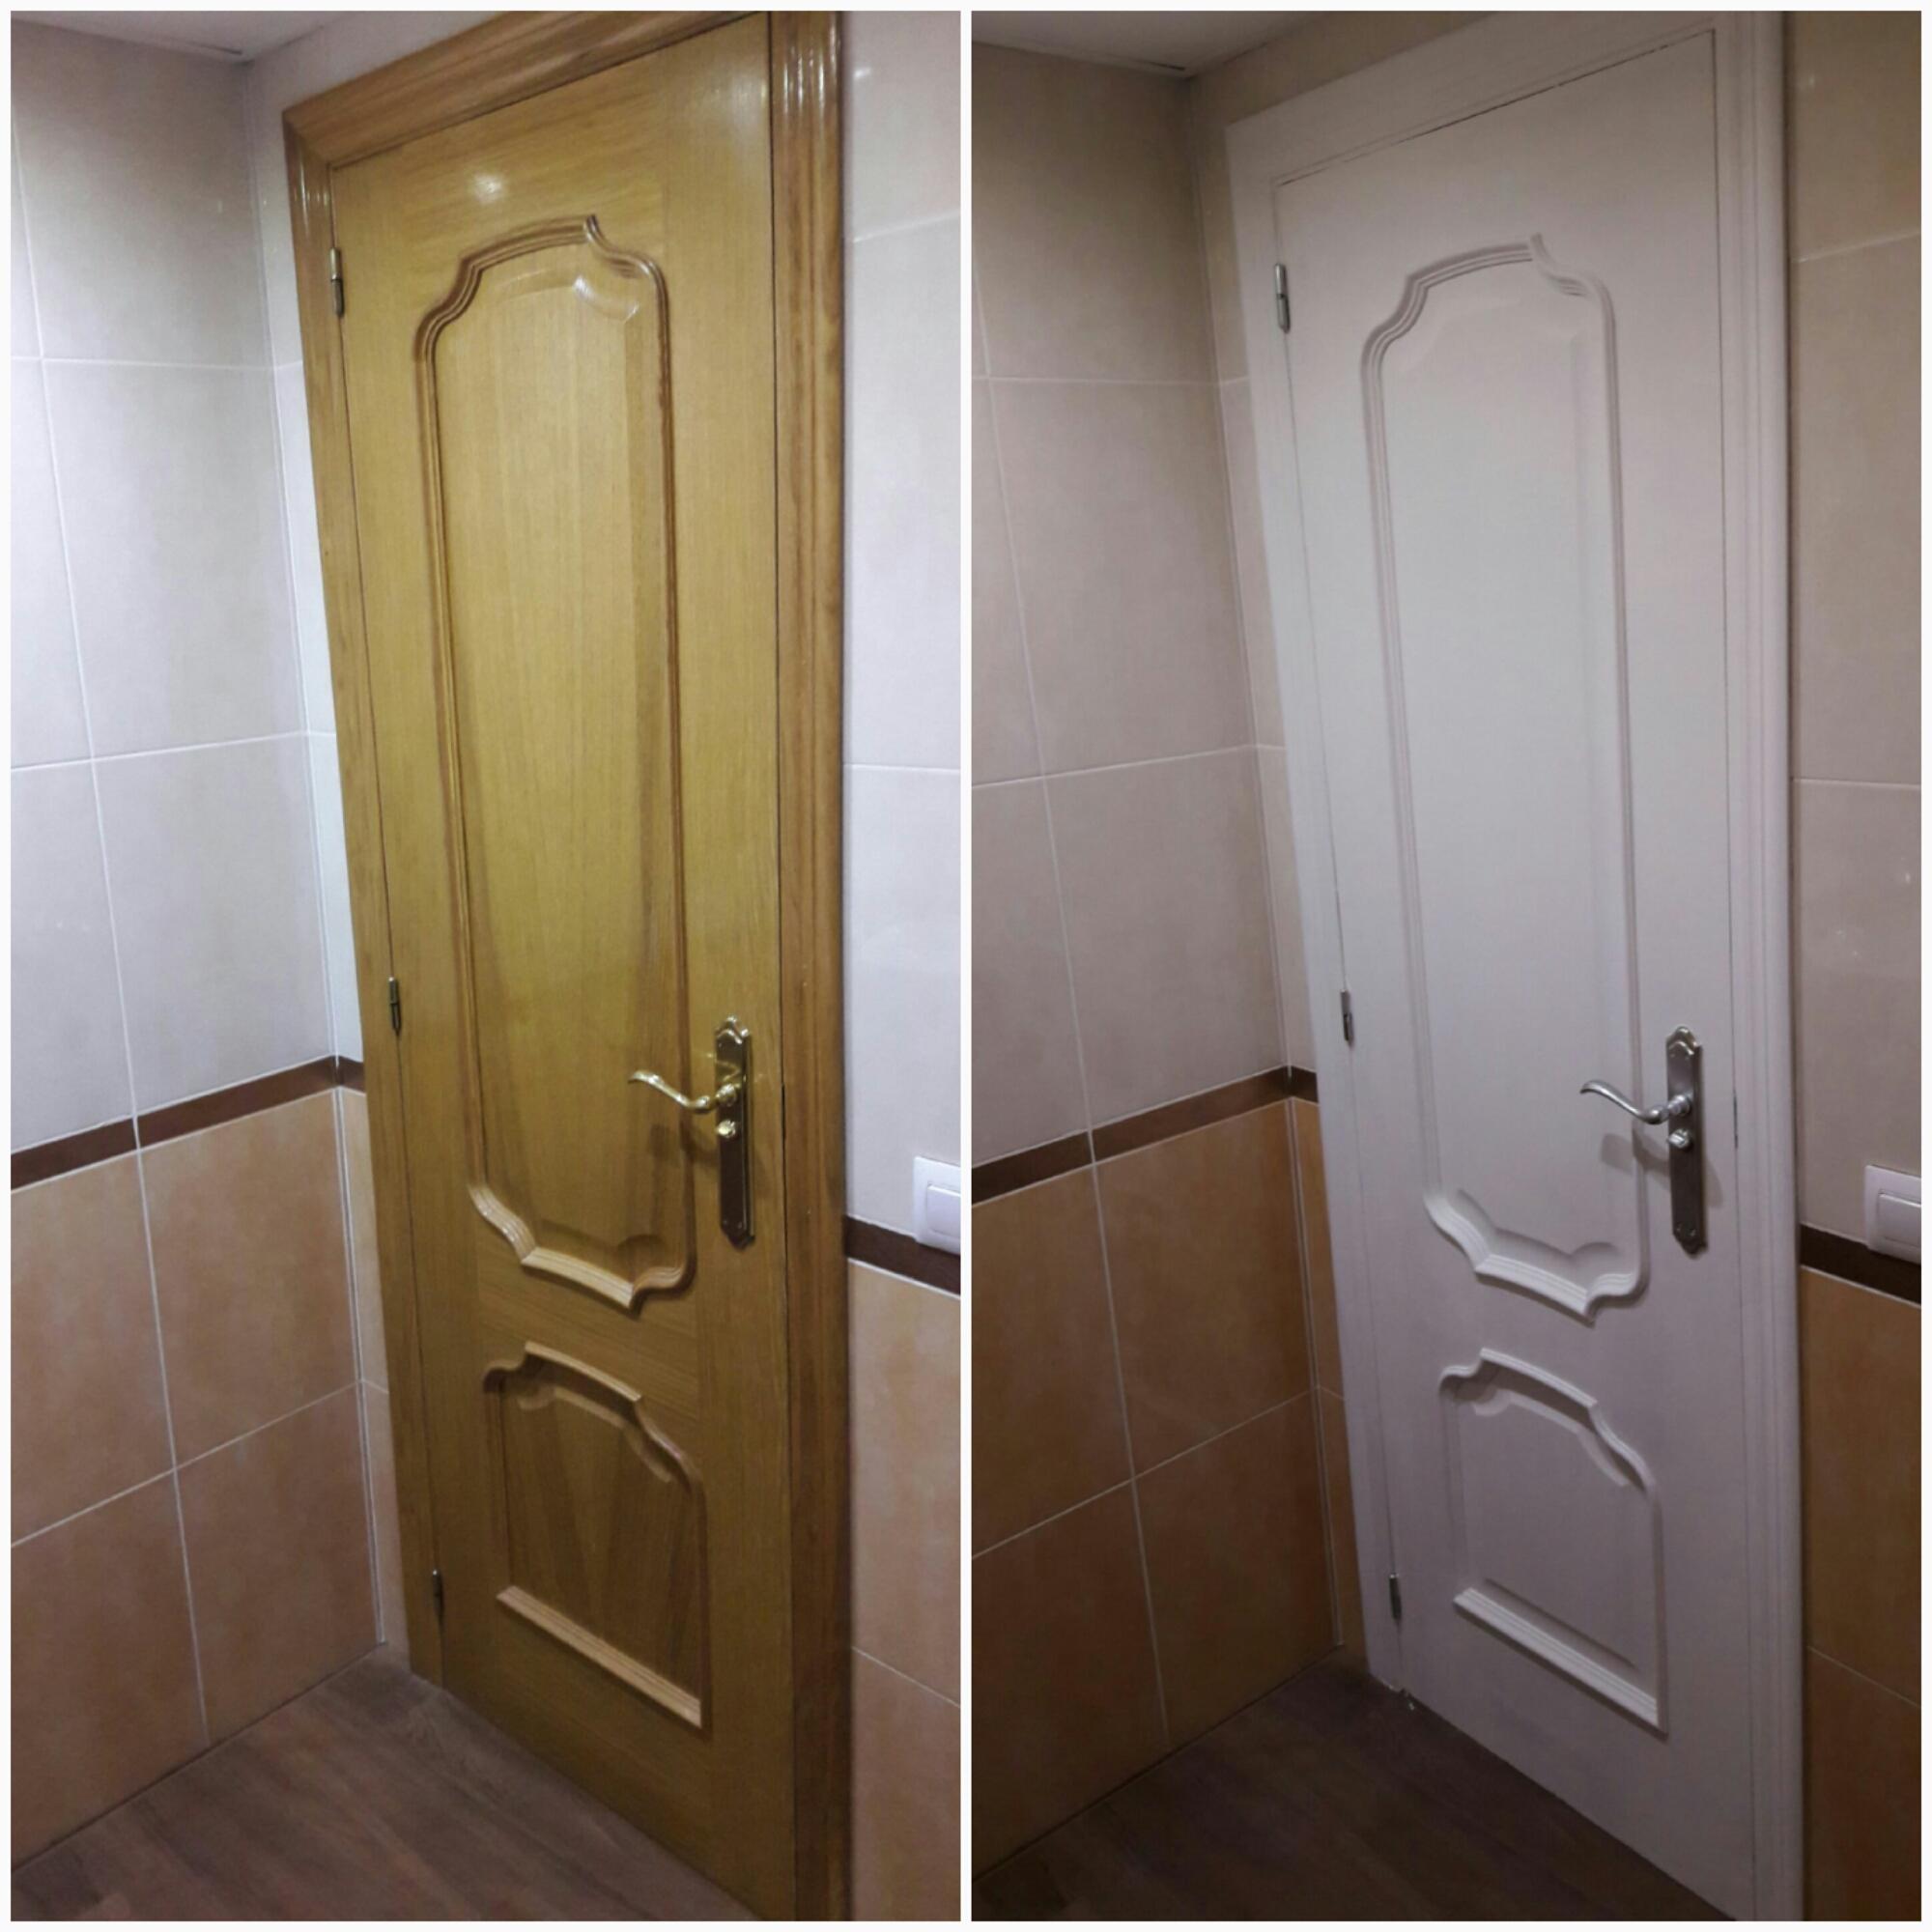 Puertas blancas el mirador de laura - Puertas blancas ...